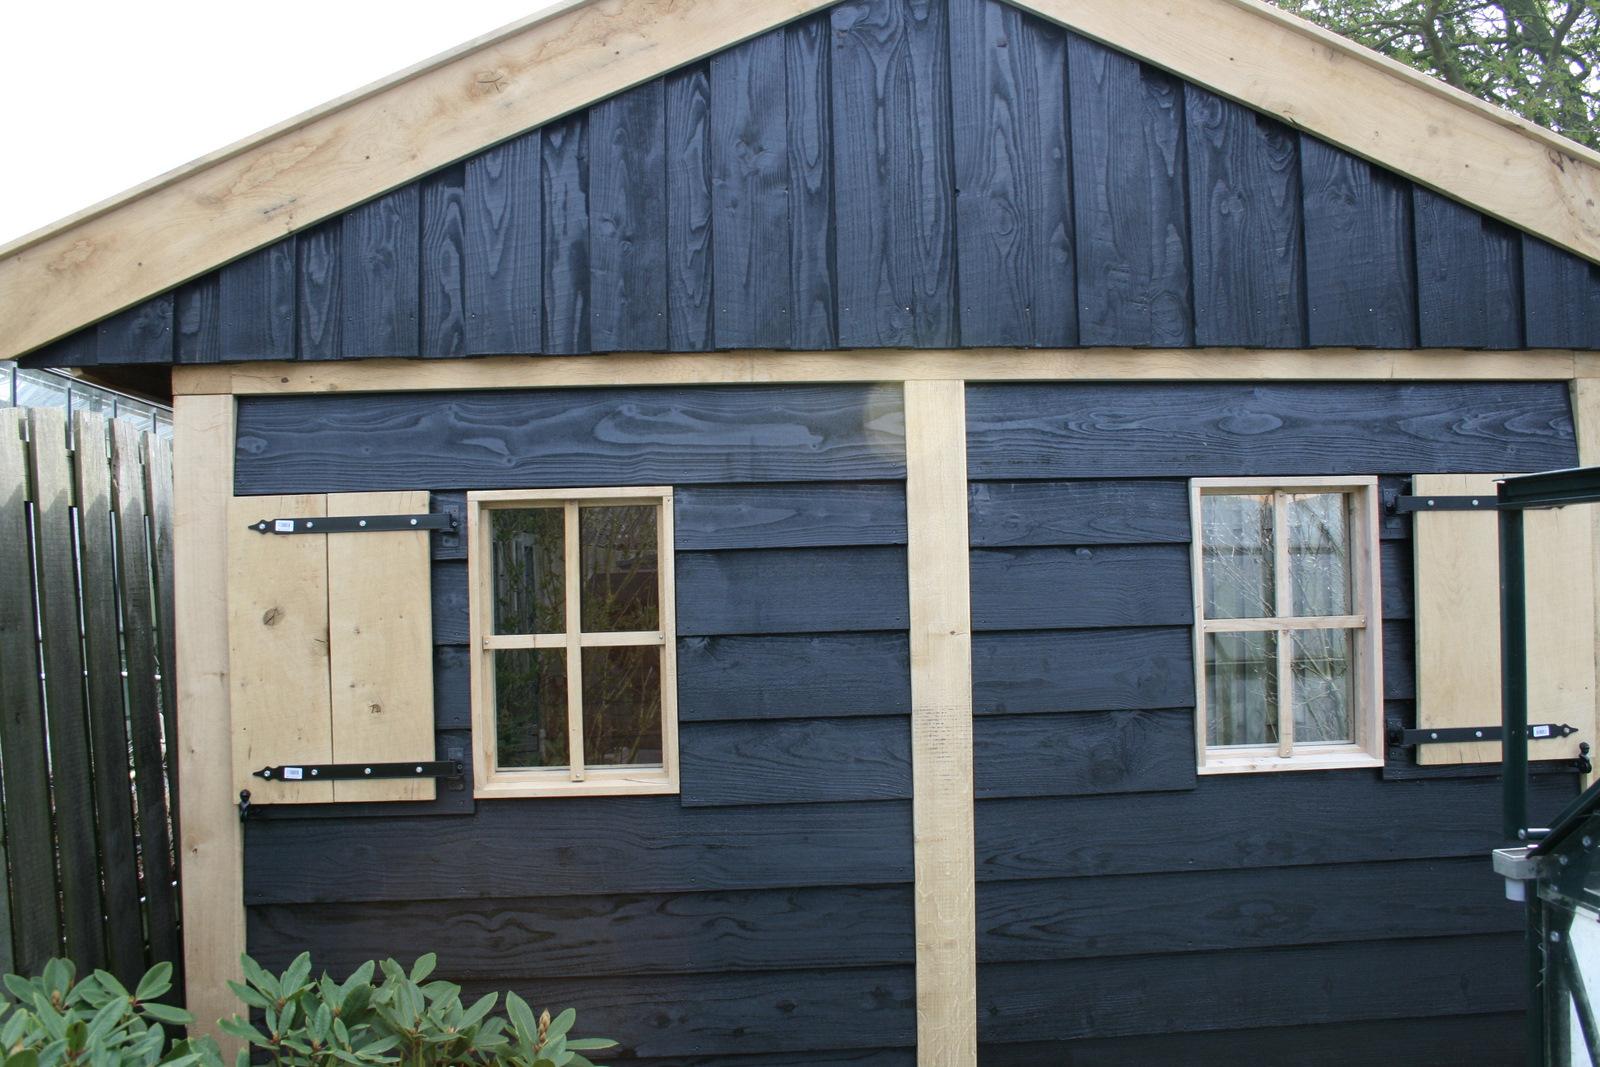 houten-tuinkamer-8 - Tuinhuis met tuinkamer Base